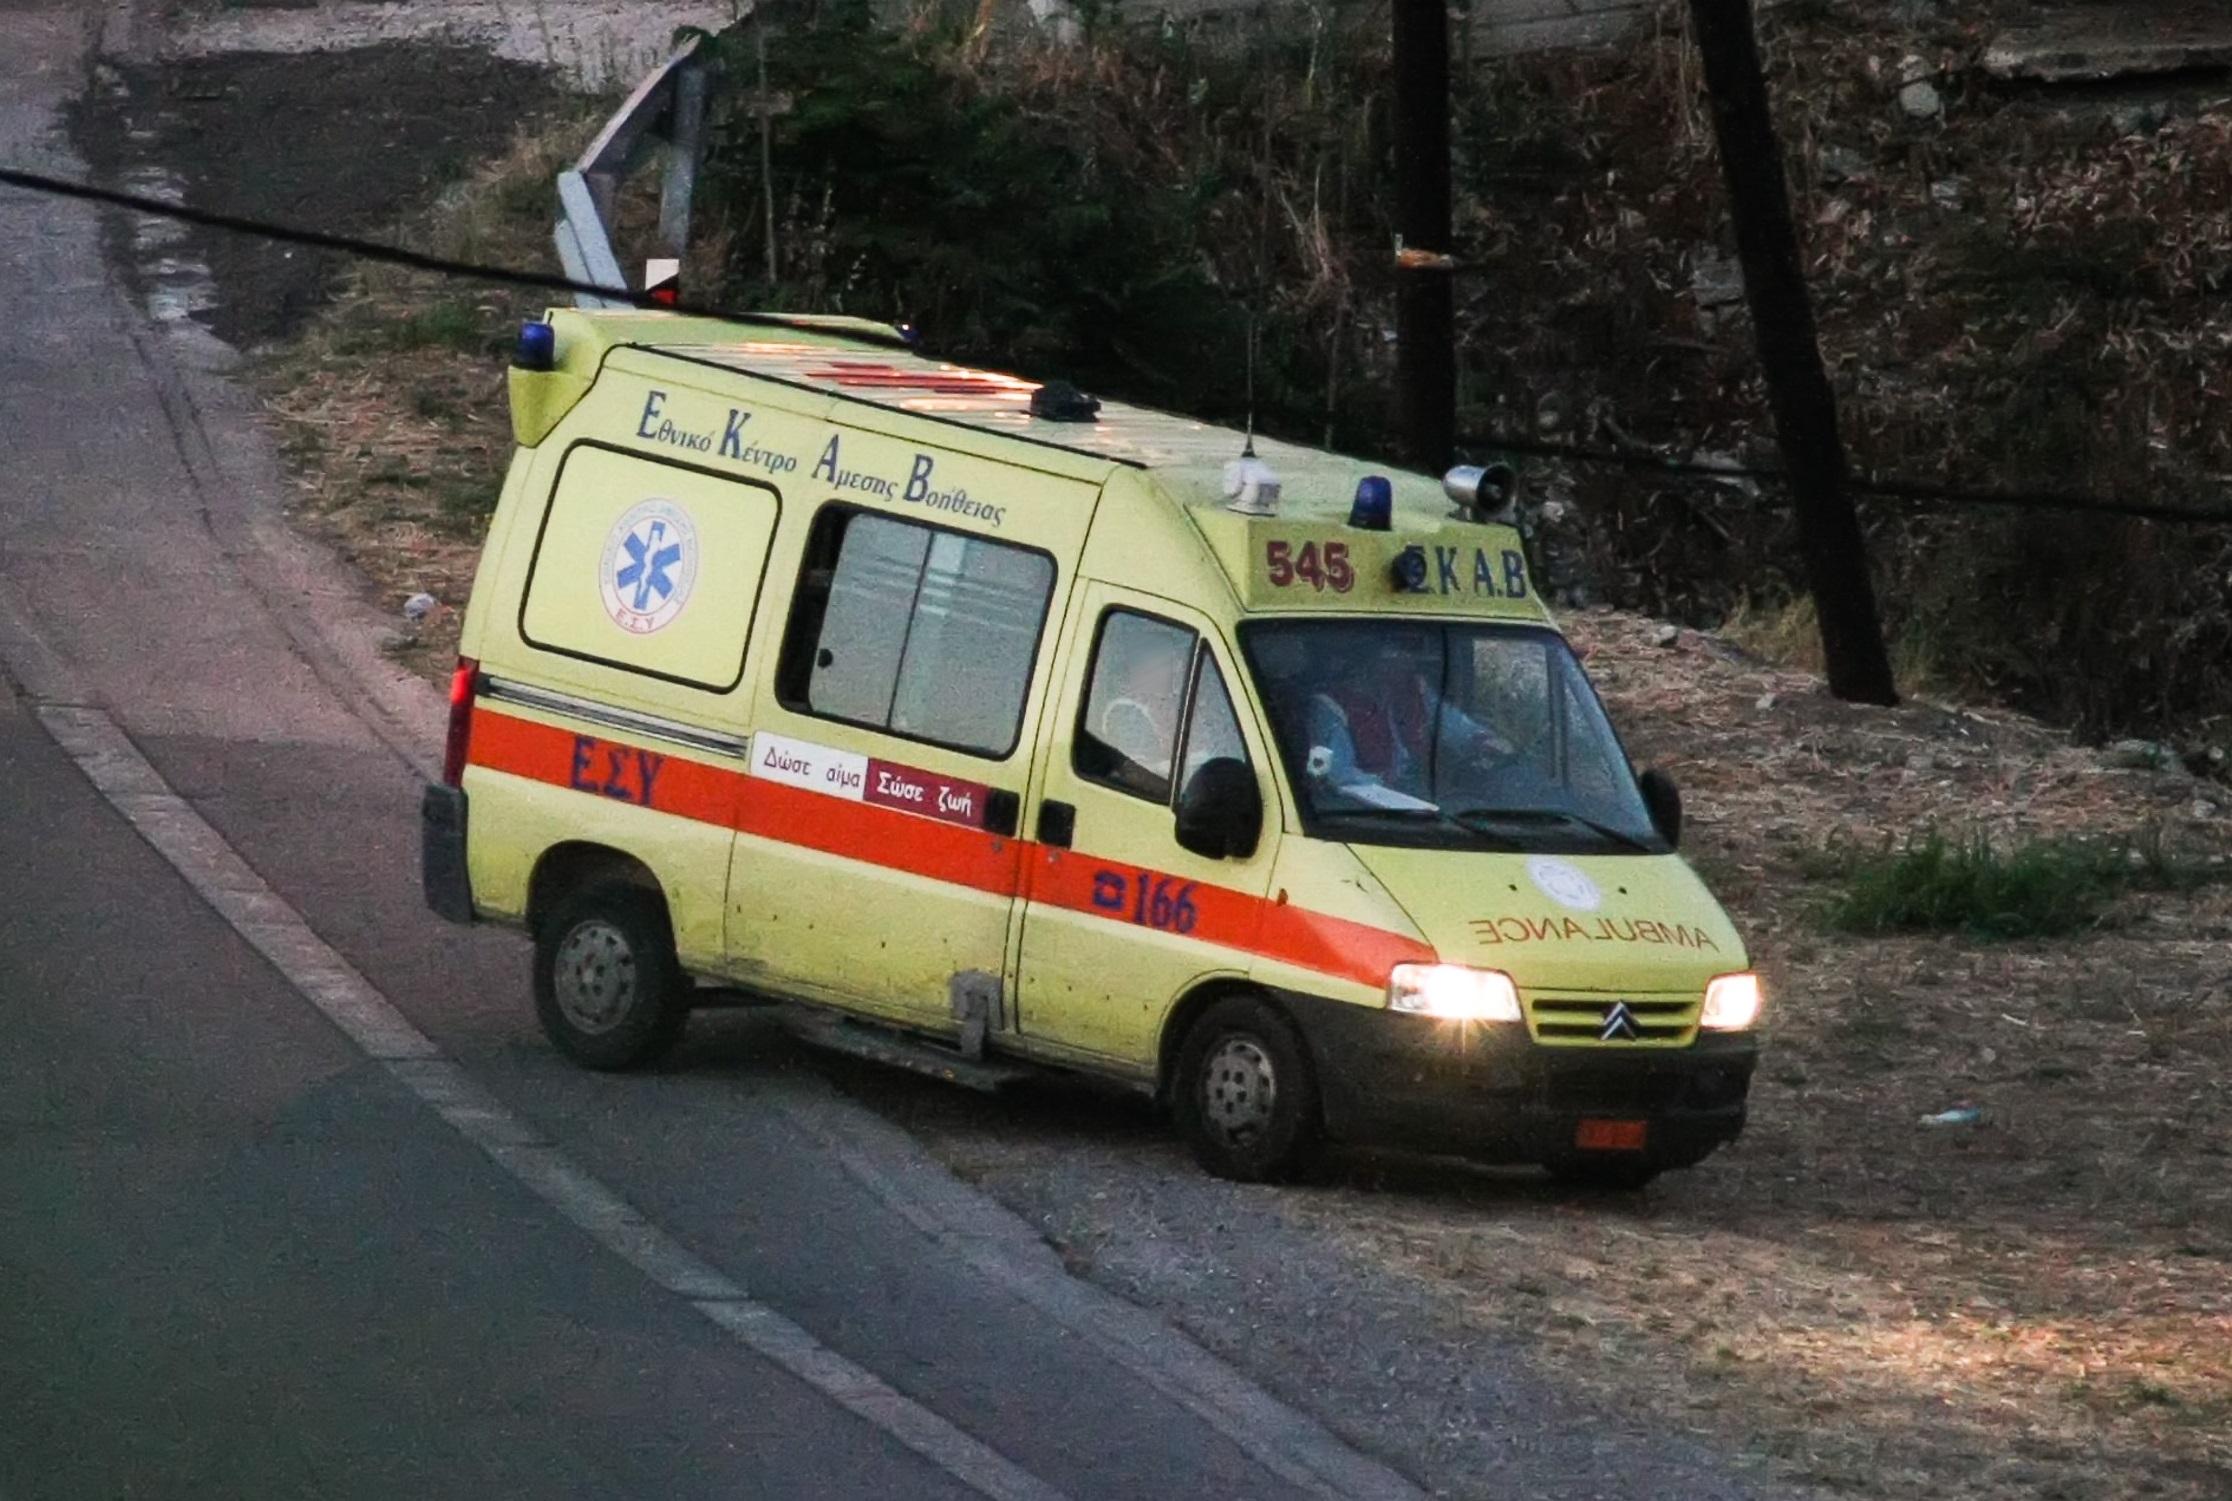 Σέρρες: Κεραυνοβολήθηκε και πέθανε εργάτης! Νεκρός από ηλεκτροπληξία μπροστά σε συναδέλφους του